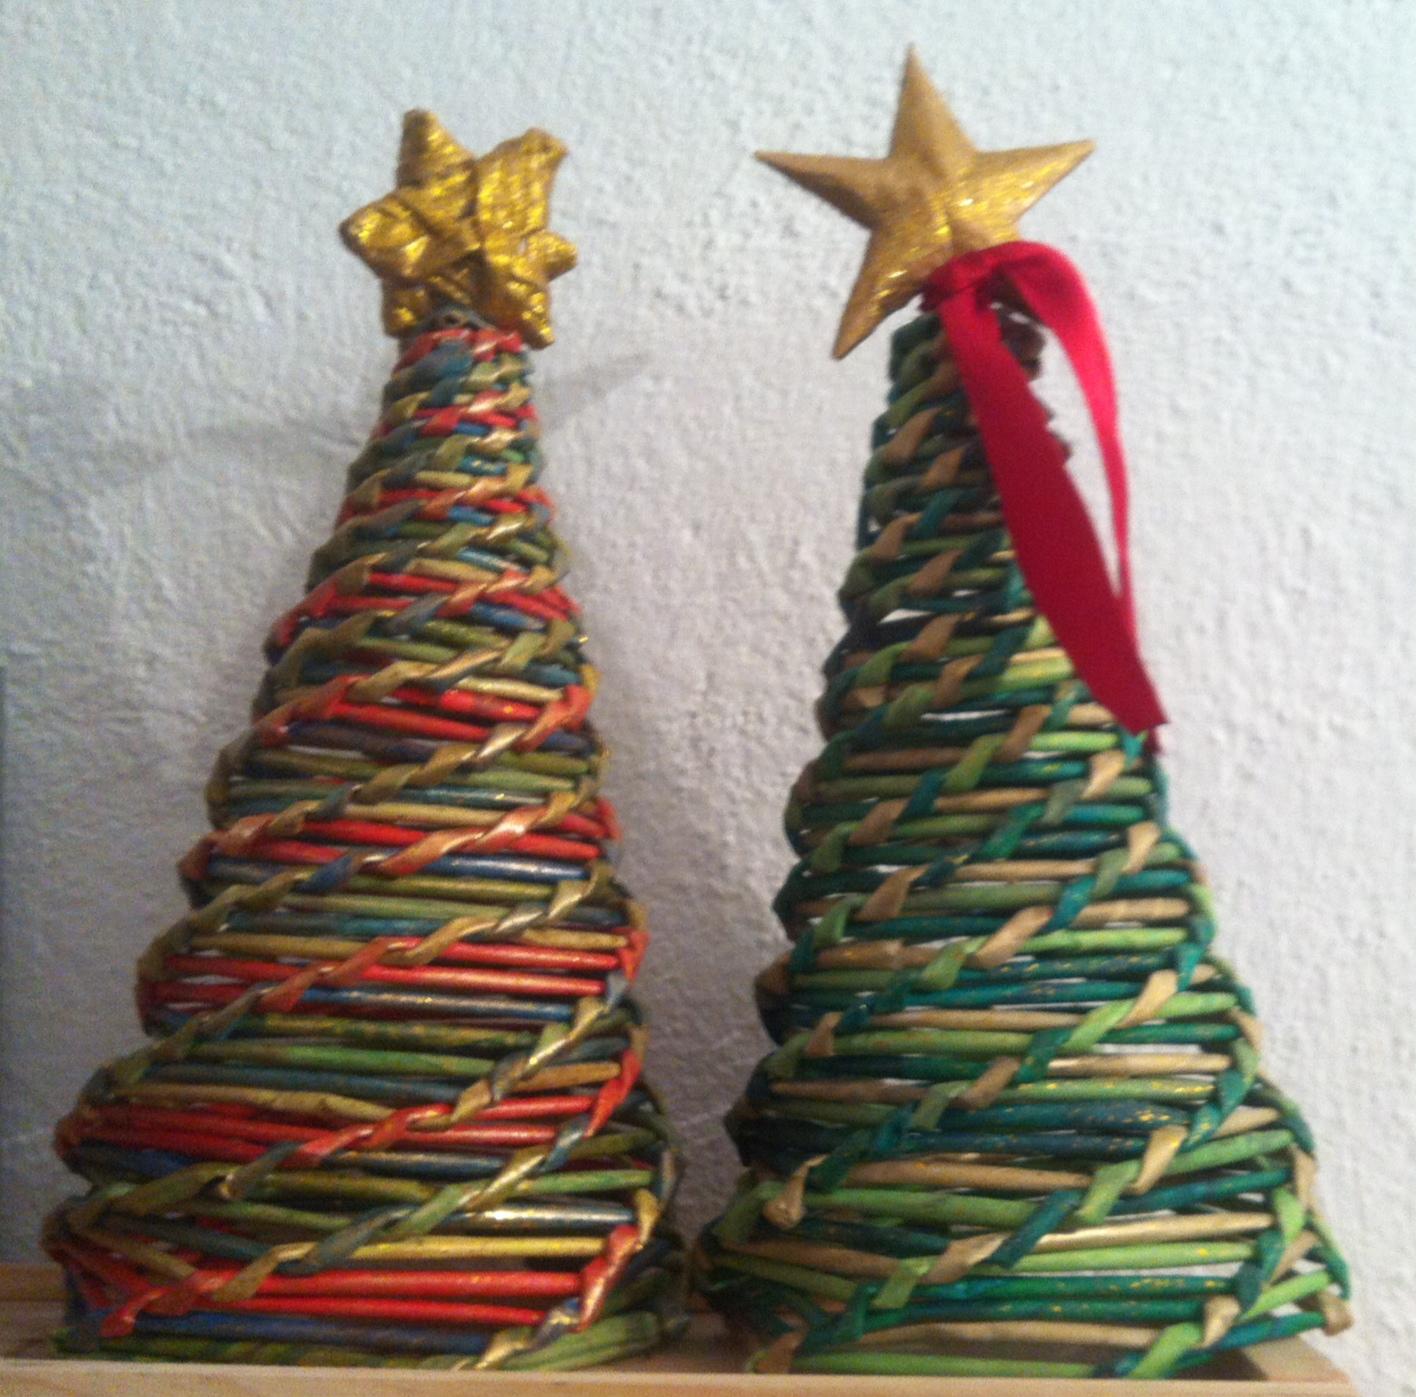 Artesan a entre manos rboles de navidad tejidos con - Adornos de navidad con papel periodico ...